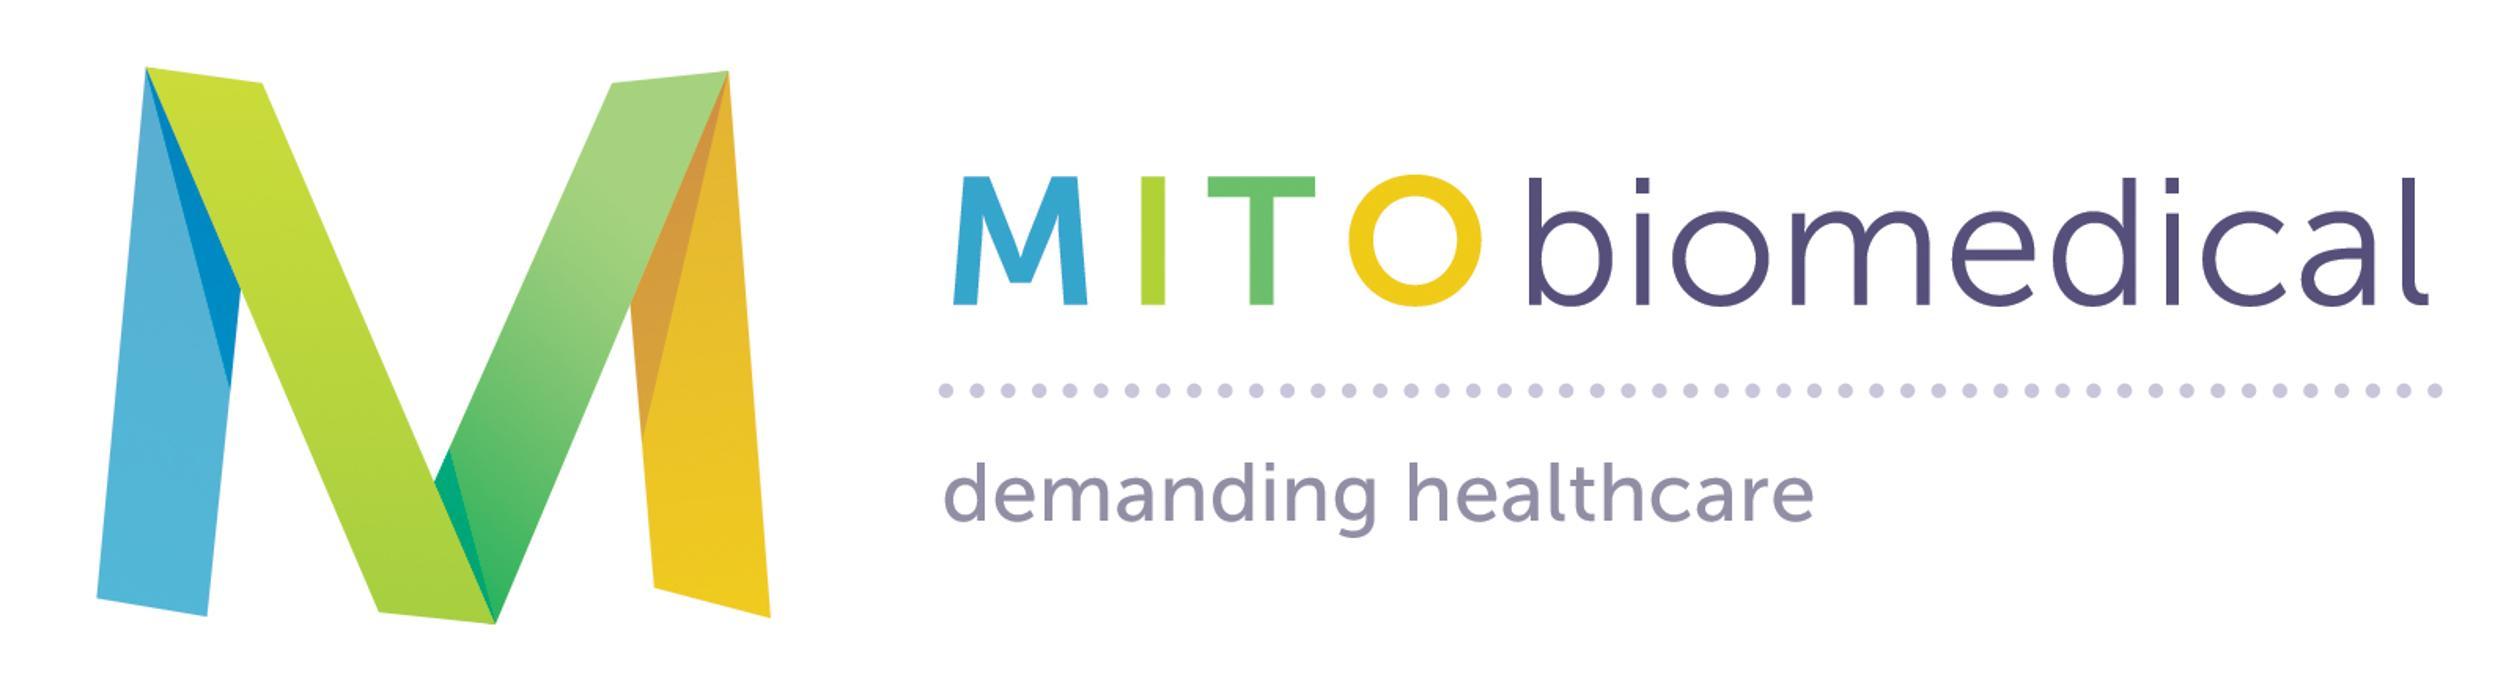 Bild zu Mitobiomedical GmbH&Co.KG in Speyer